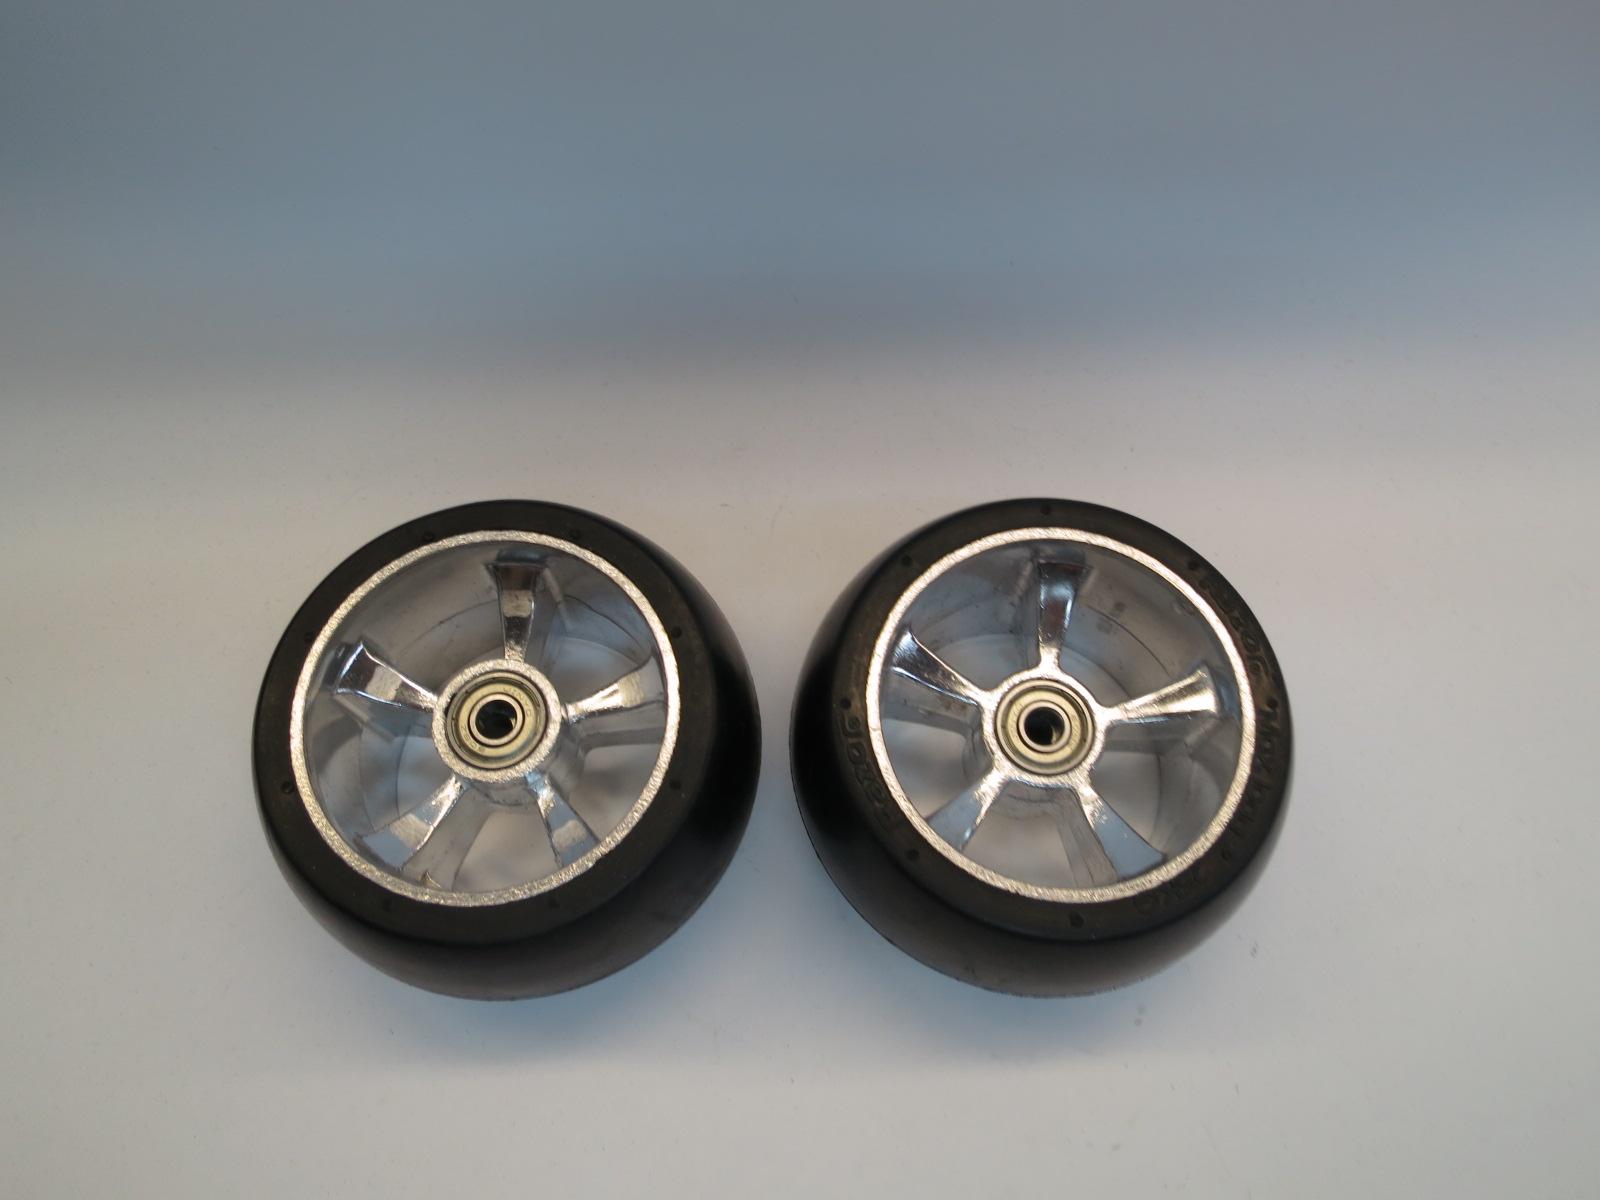 New Rear Wheel Bearing for Razor Ground Force Drifter Razor Ground Force Go Kart